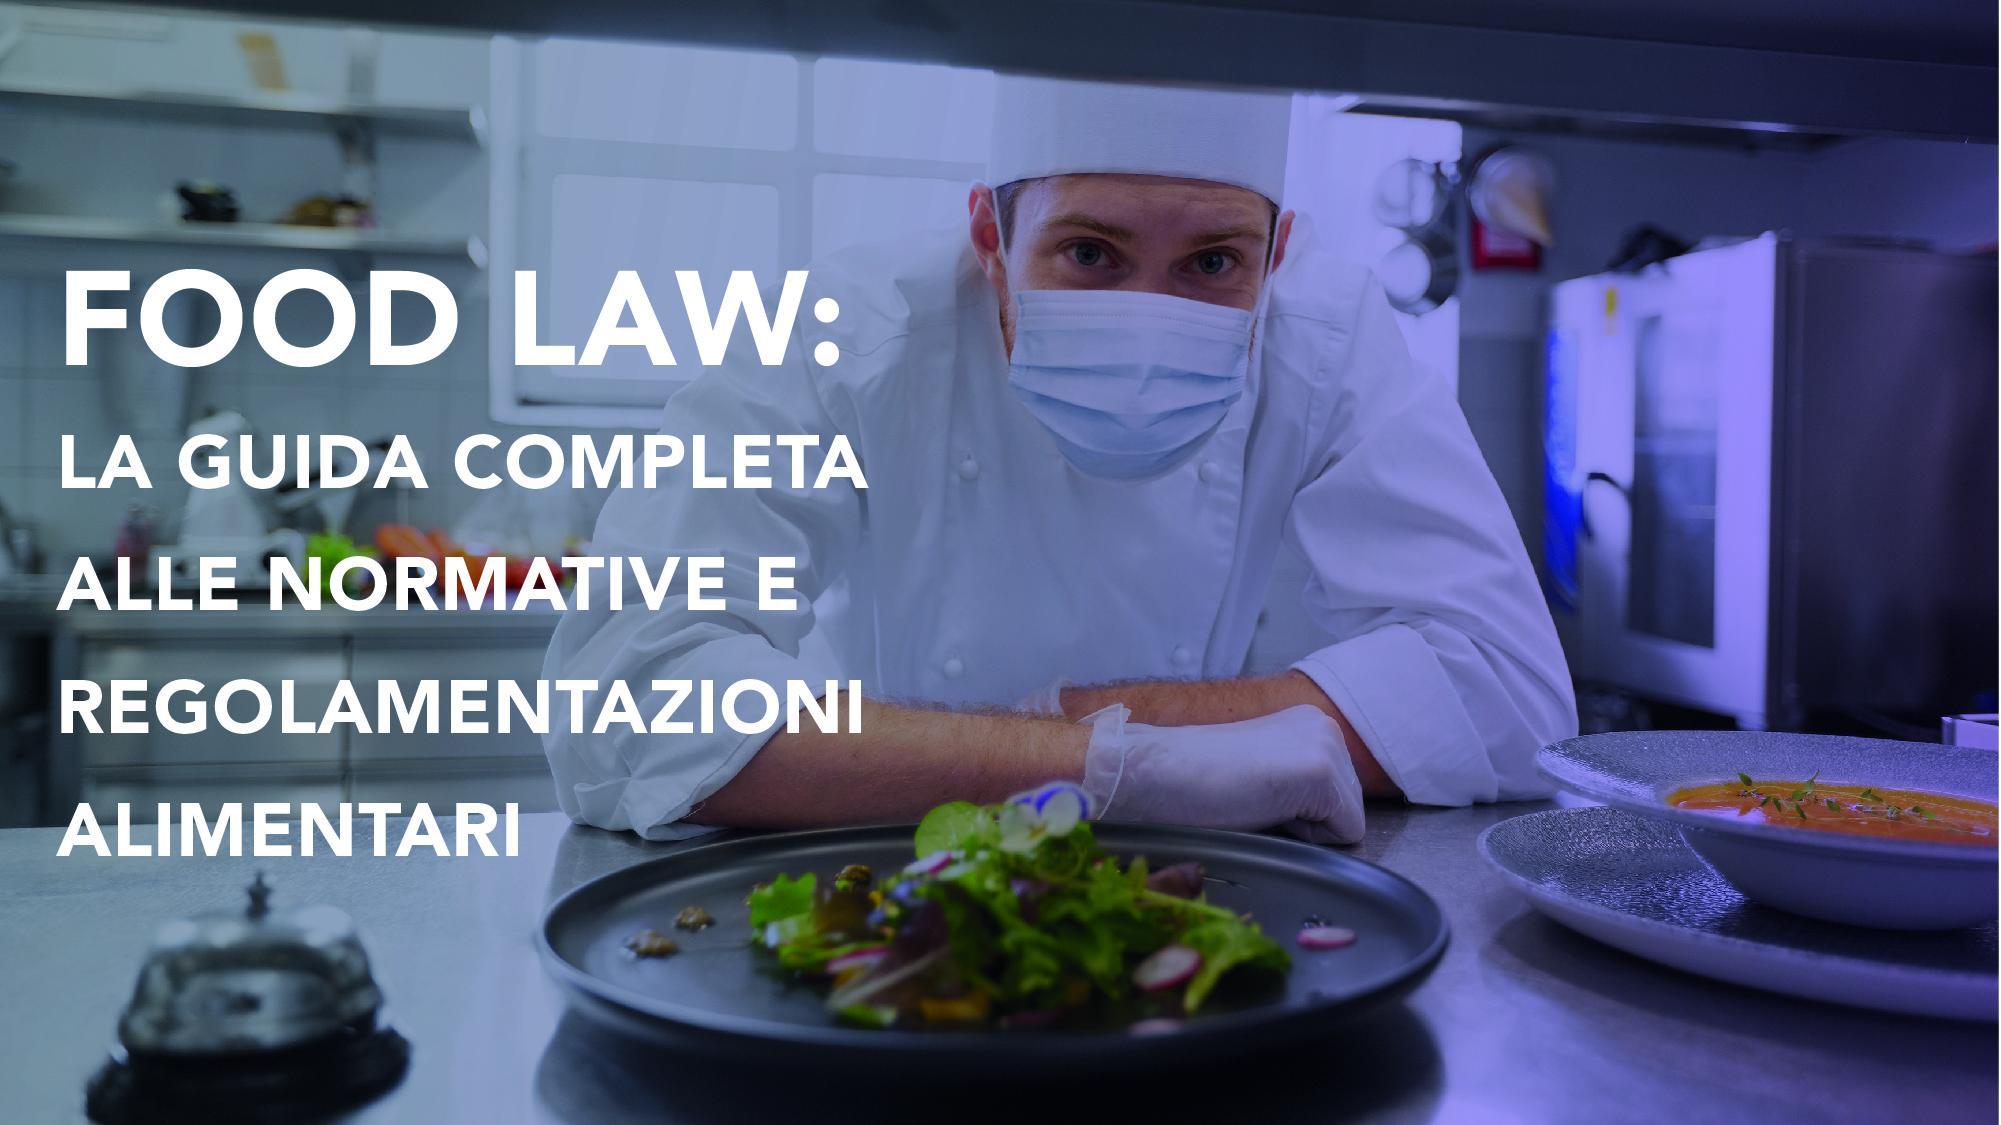 Corso-Online-Food-Law-La-Guida-Completa-alle-Normative-e-Regolamentazioni-Alimentari-Life-Learning